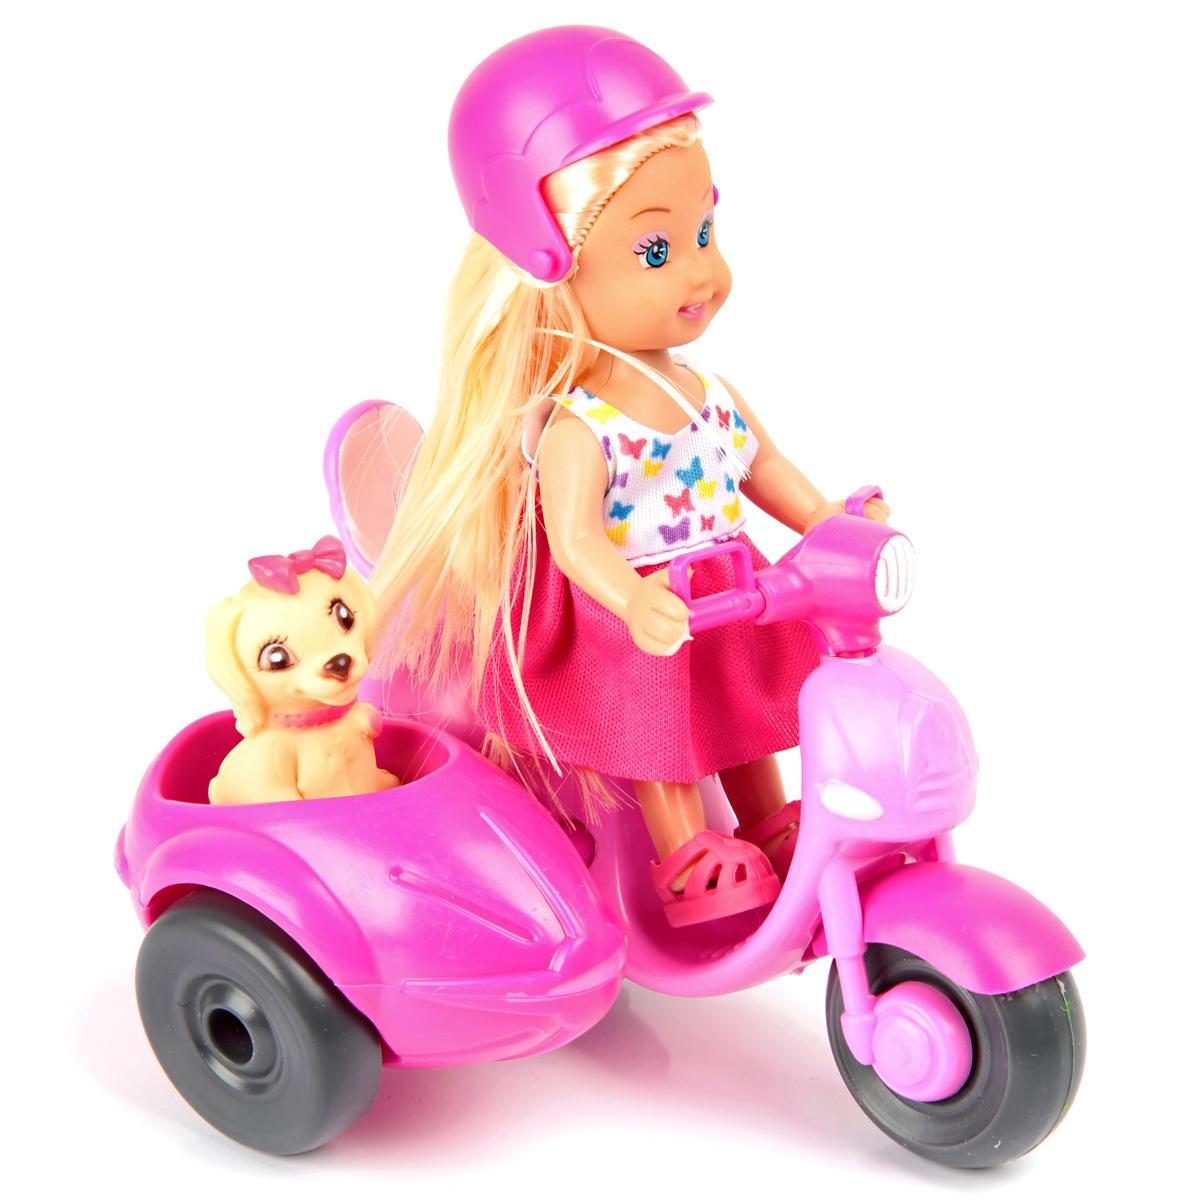 Игровой набор с куклой Veld Co 62948 veld co игровой набор с мини куклой русалка и морской конек цвет желтый розовый